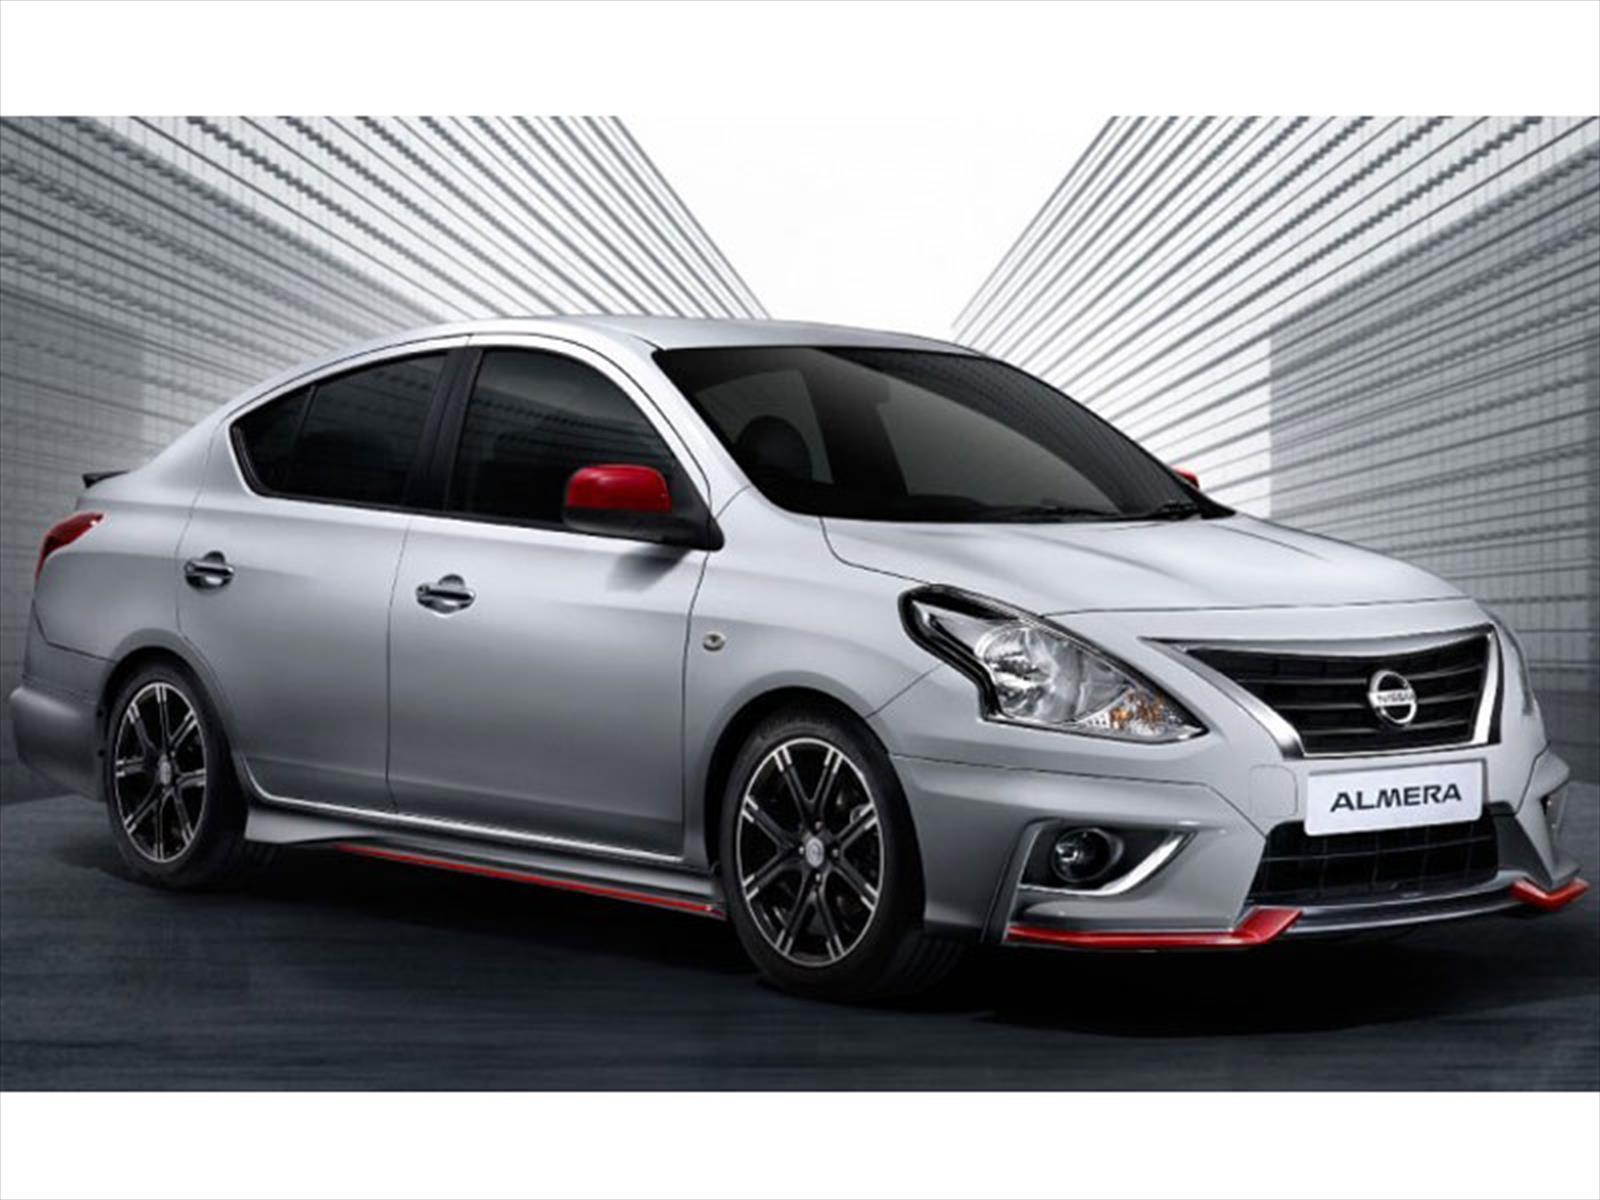 Nissan Versa NISMO, la versión exclusiva para Malasia - Autocosmos.com